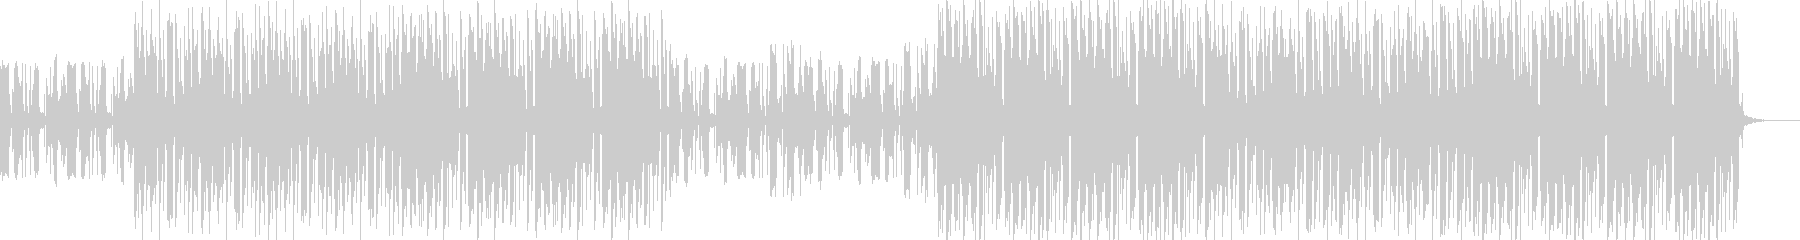 ダーク・ダーティー・EDM7の未再生の波形